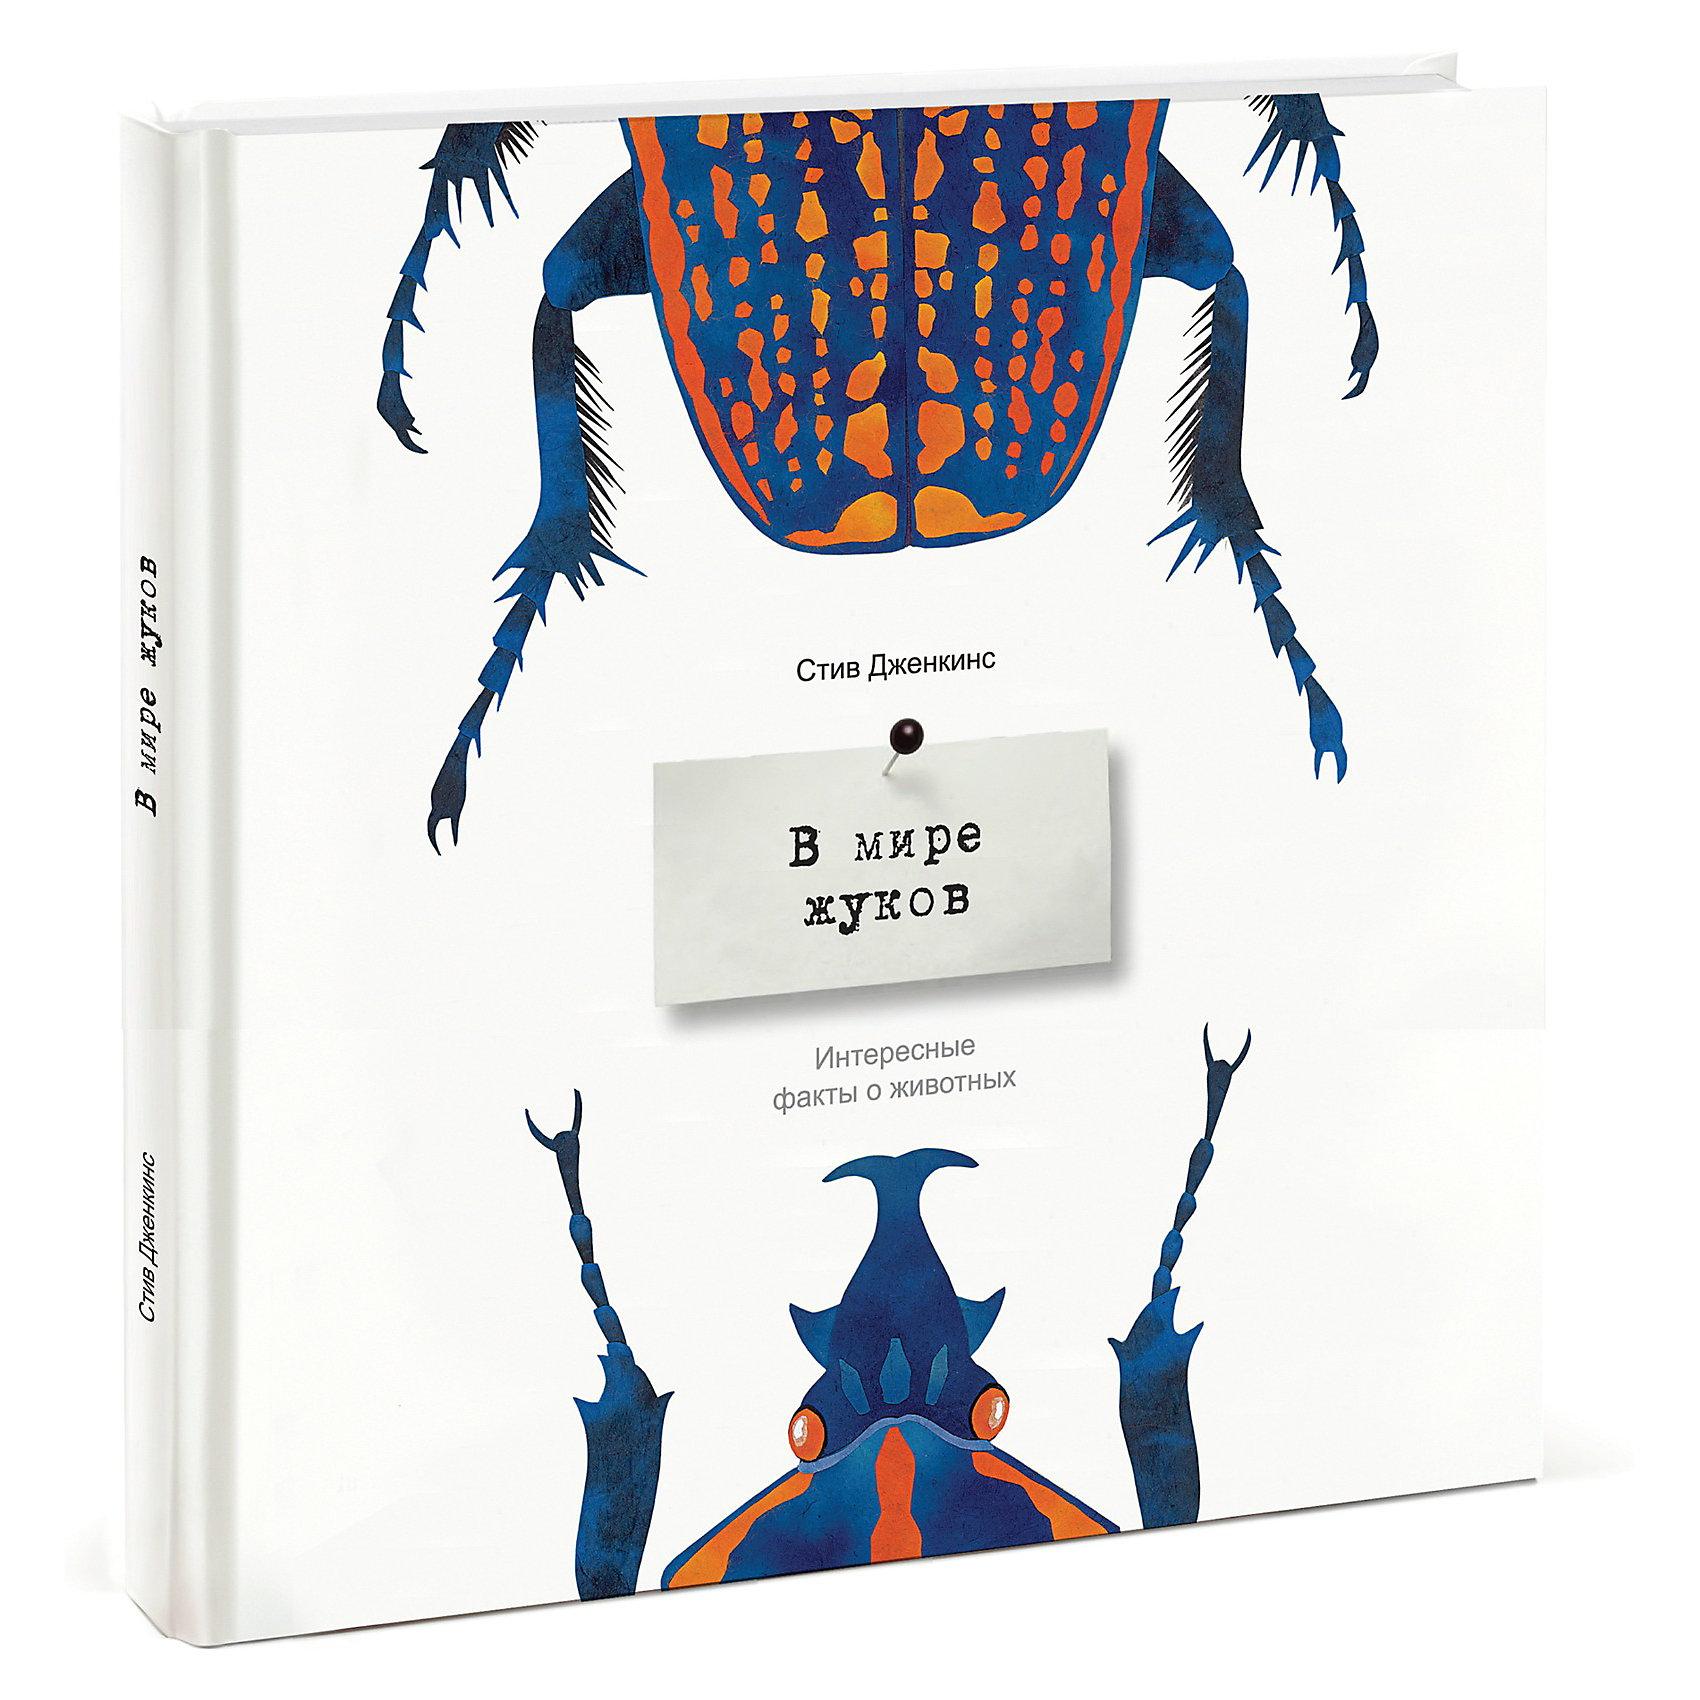 В мире жуков, Манн, Иванов и ФерберВ мире жуков, Манн, Иванов и Фербер - это необычная развивающая книга для детей.<br>Жуки — удивительные существа, вызывающие искреннее любопытство у детей. Эти не очень-то приятные, по мнению взрослых, насекомые гораздо интереснее и красивее, чем может показаться на первый взгляд. Надо только присмотреться! В своей необычной книге знаменитый иллюстратор Стив Дженкинс демонстрирует самых разных жуков во всей красе и знакомит маленьких читателей с удивительными фактами из их жизни. Как устроены насекомые, как они растут, чем питаются, где живут, как общаются между собой? Ваш ребенок найдет ответы на эти и многие другие вопросы во время увлекательного путешествия в фантастический мир жуков. В этой книге вы встретите уникальное сочетание — познавательное содержание и изысканные, завораживающие, натуралистичные иллюстрации. Книги Стива Дженкинса можно узнать с первого взгляда. Он работает в оригинальной коллажной технике, собирая иллюстрации из арт-бумаги. Благодаря использованию бумаги разных фактур и цветов ему удается создать удивительно натуралистичные изображения. На страницах книги, будто под стеклом, лежат настоящие насекомые.<br><br>Дополнительная информация:<br><br>- Автор-иллюстратор: Дженкинс Стив<br>- Редактор: Ермолаева Елена<br>- Издательство: Манн, Иванов и Фербер<br>- Для детей от 4 лет<br>- Тип обложки: 7Б - твердая (плотная бумага или картон)<br>- Оформление: тиснение объемное<br>- Размер: 260х260х7 мм.<br>- Страниц: 32<br>- Бумага: мелованная<br>- Иллюстрации: цветные<br><br>Книгу «В мире жуков», Манн, Иванов и Фербер можно купить в нашем интернет-магазине.<br><br>Ширина мм: 254<br>Глубина мм: 7<br>Высота мм: 254<br>Вес г: 400<br>Возраст от месяцев: 60<br>Возраст до месяцев: 120<br>Пол: Унисекс<br>Возраст: Детский<br>SKU: 3608568